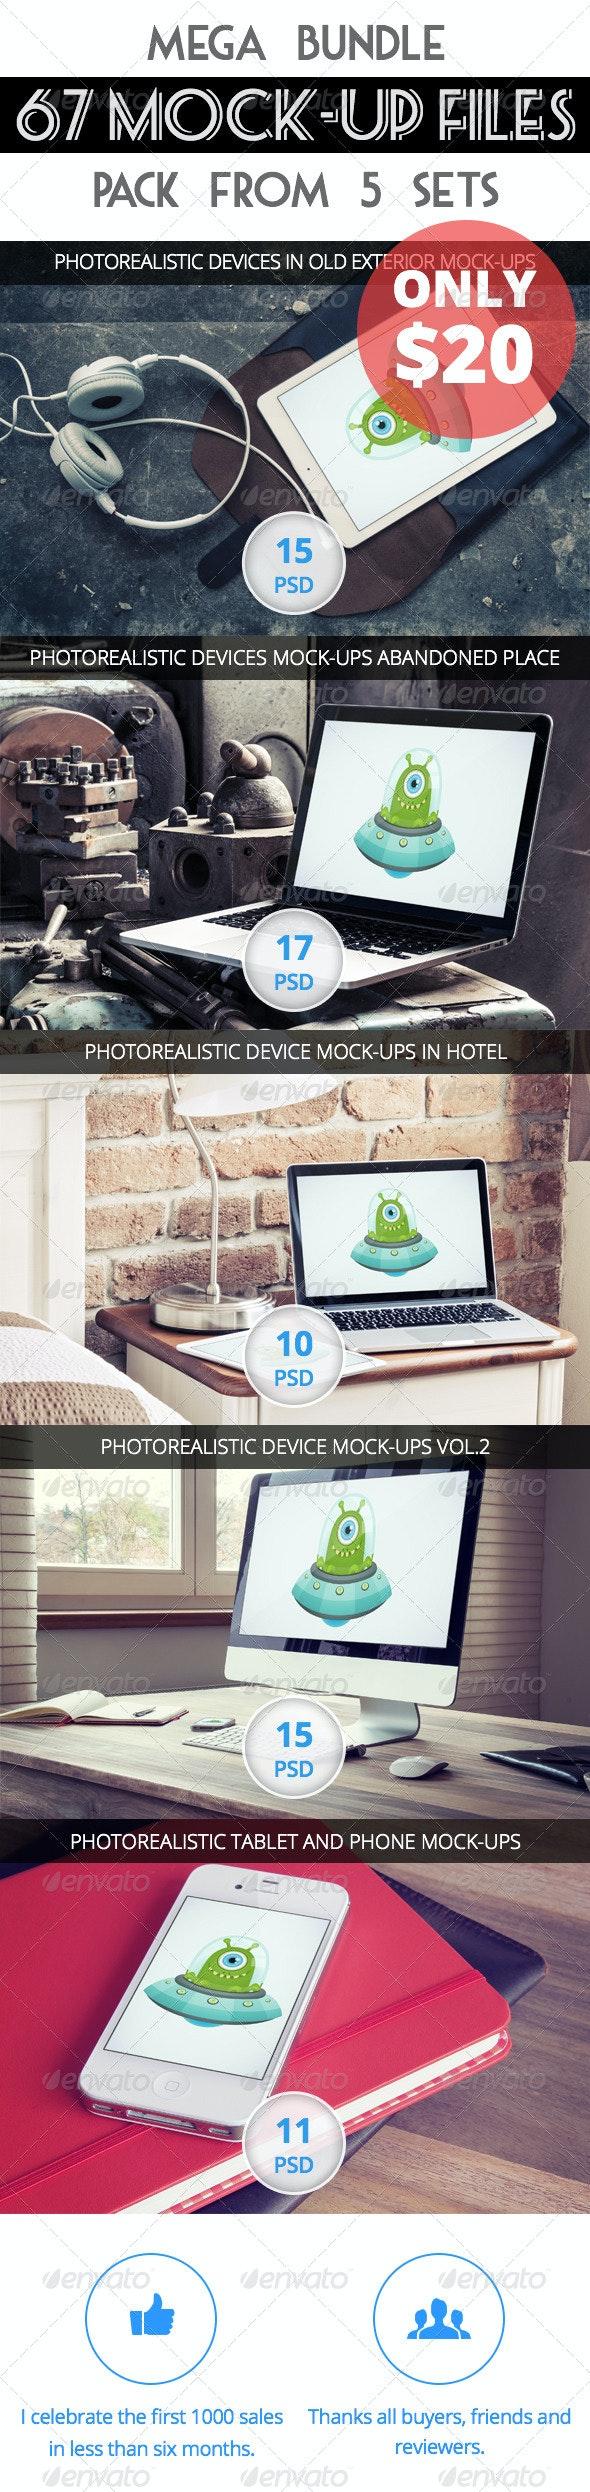 67 Mock-Up - First Bundle - Displays Product Mock-Ups